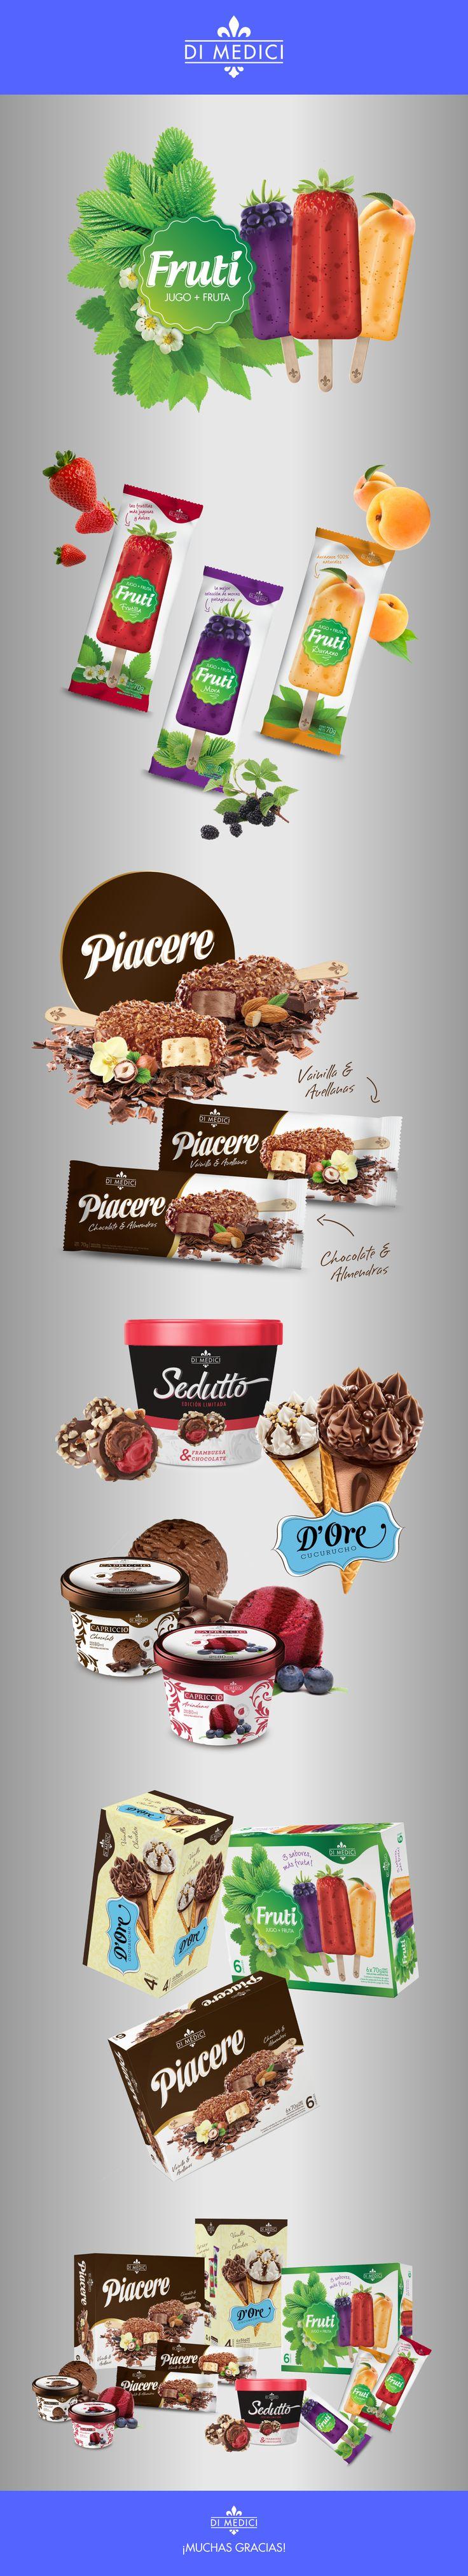 DI MEDICI - Línea de helados on Behance